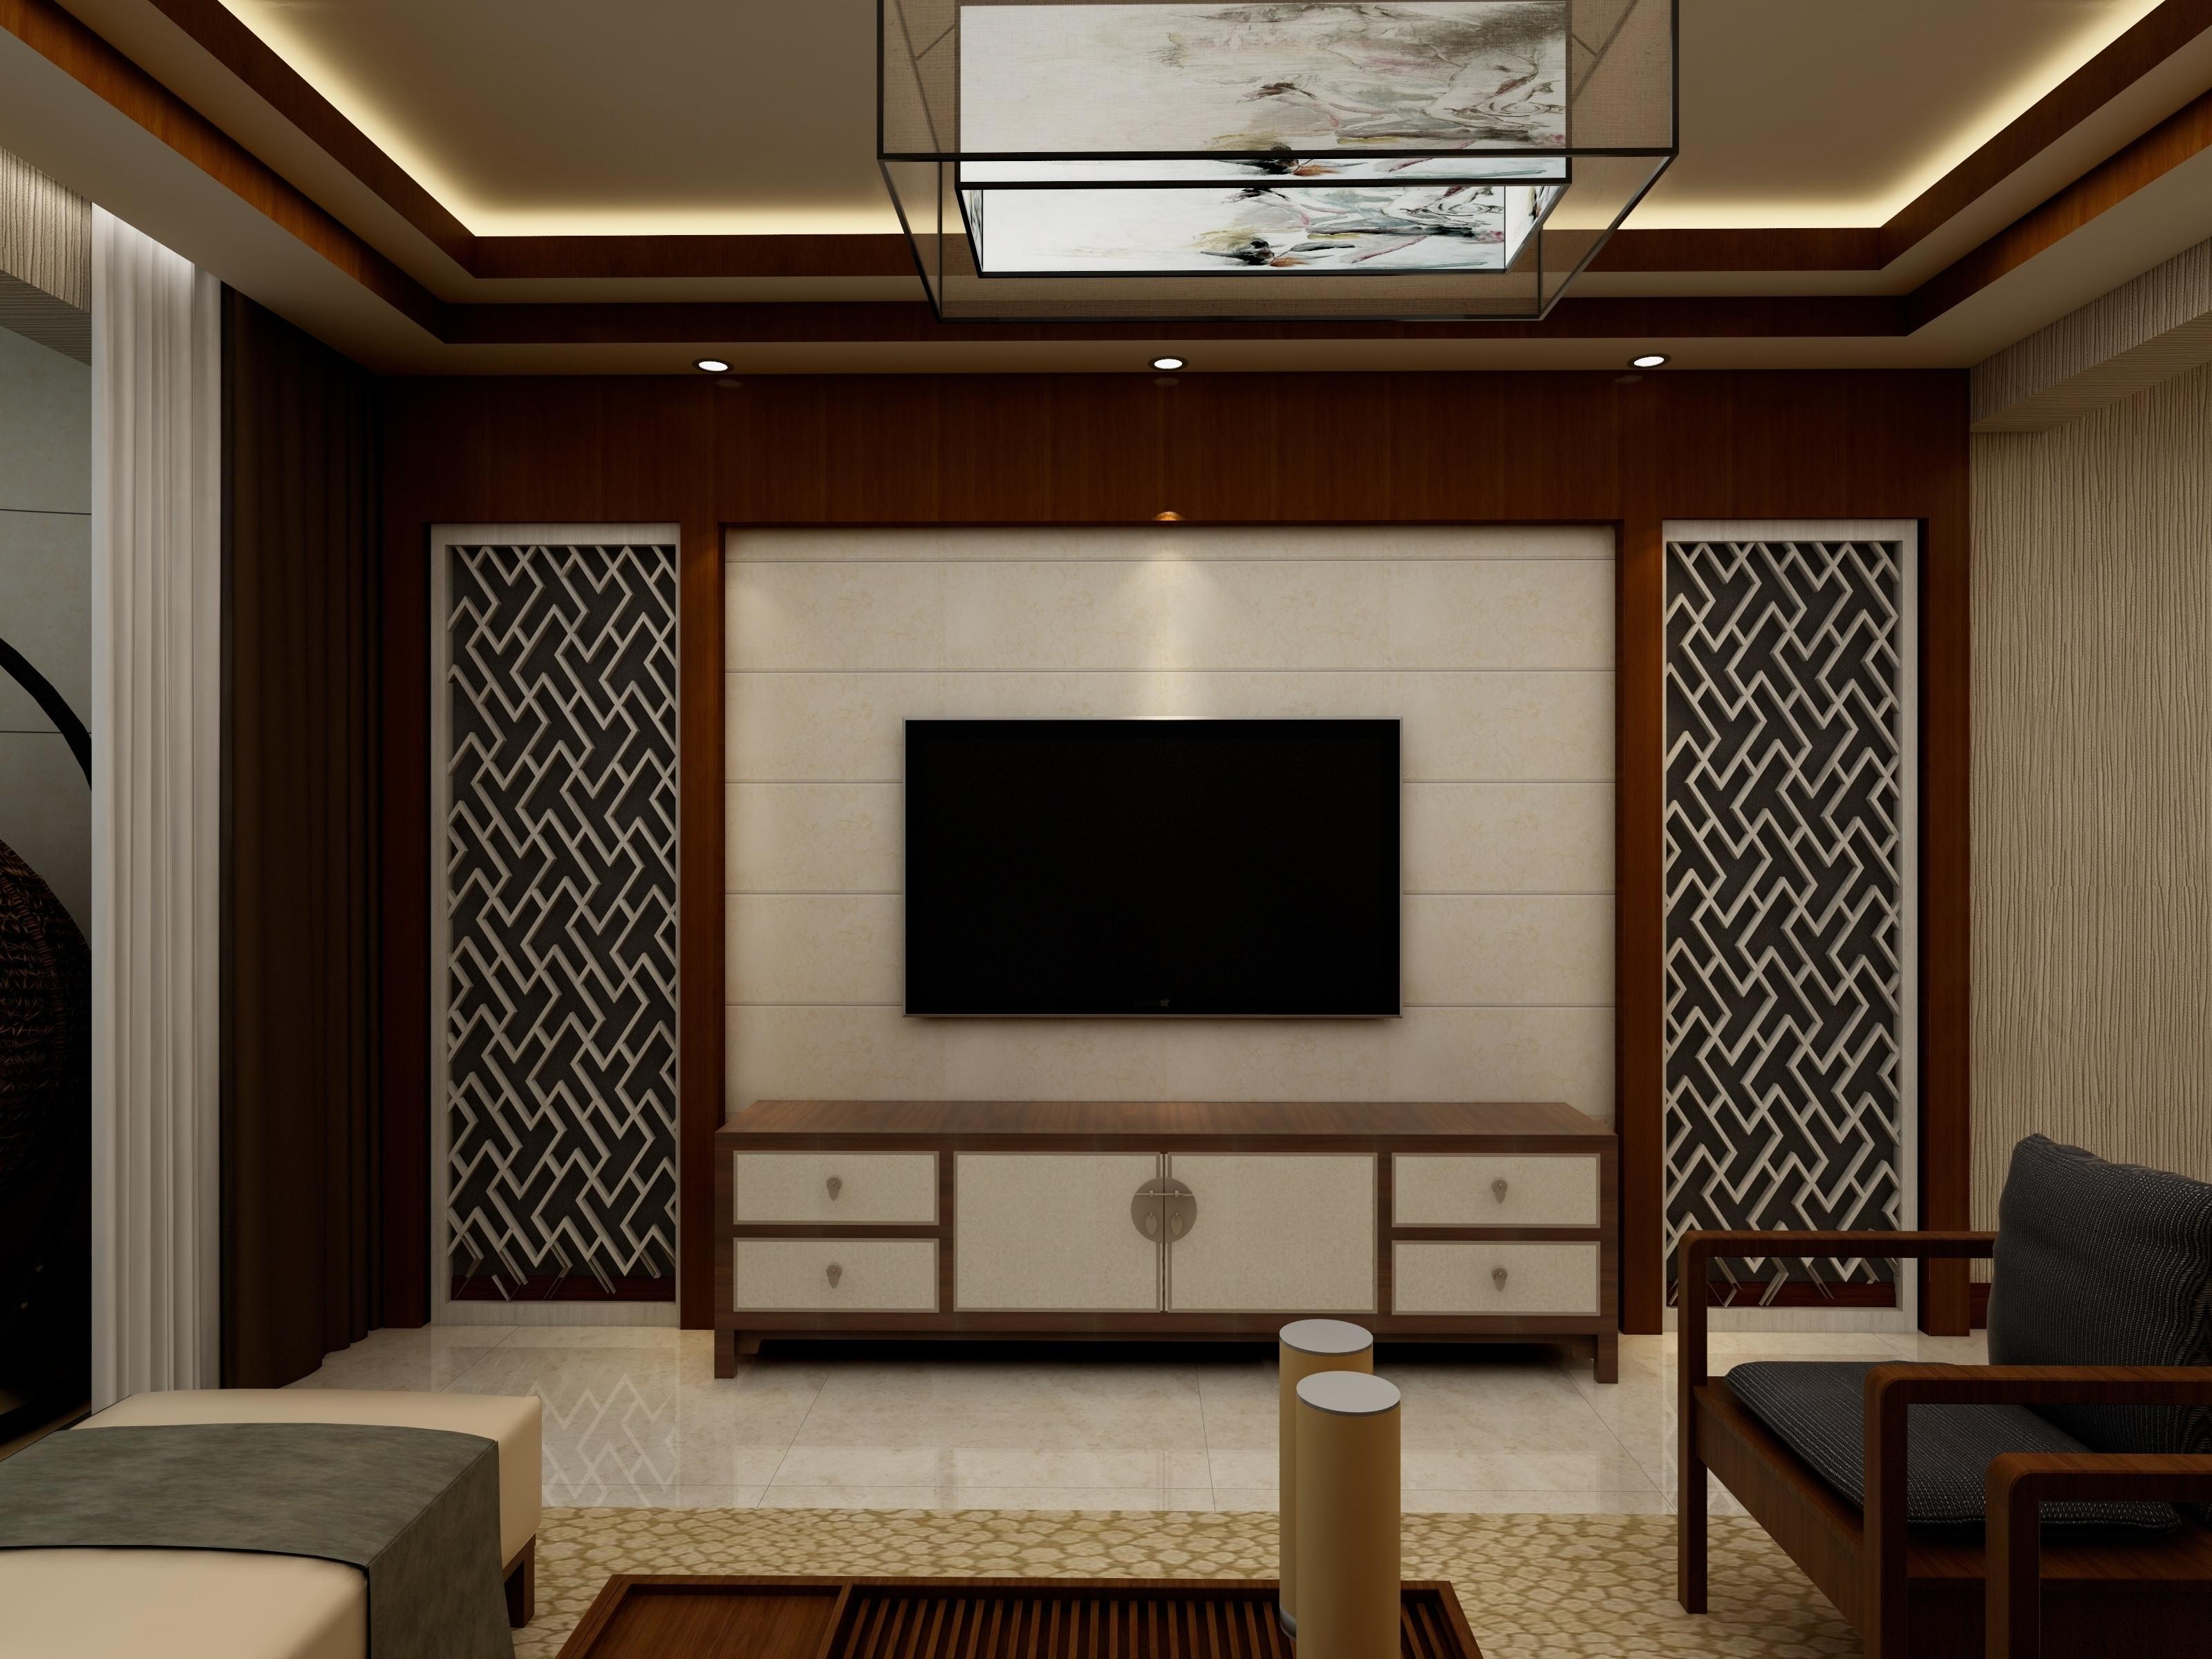 简约中式装修电视背景墙图片